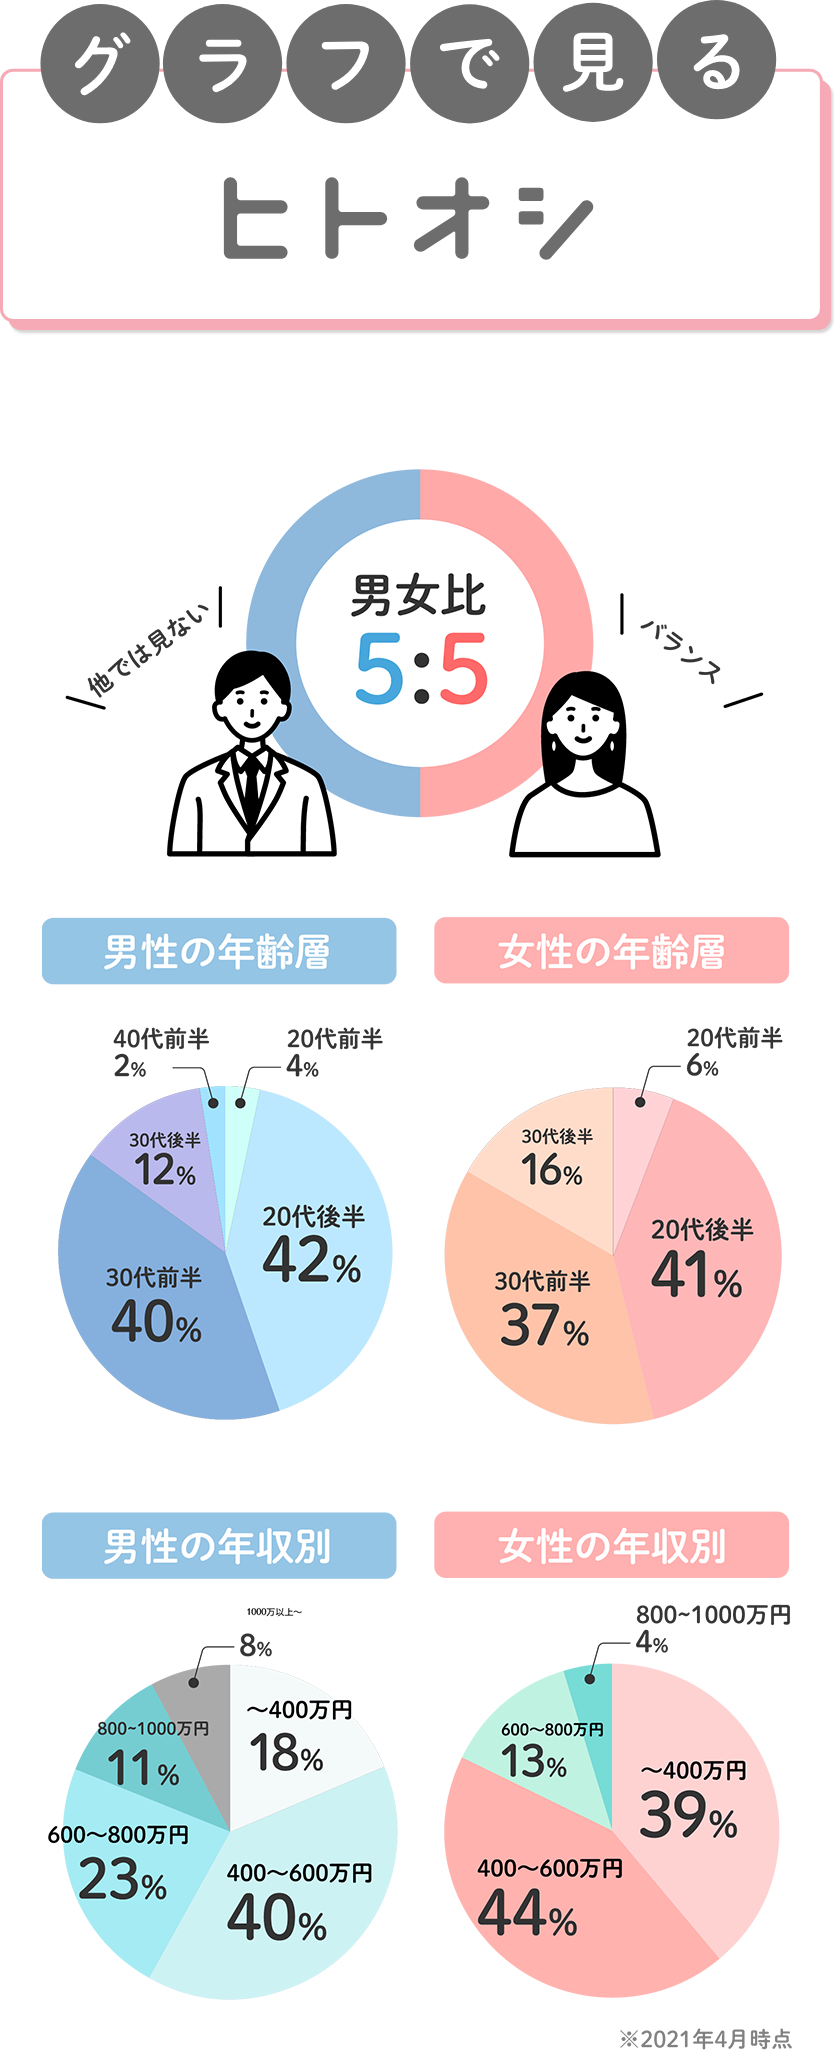 グラフで見るヒトオシ 男女比率3:4で意外と女性が多く占めています。男性の年齢層は42%の20代後半を筆頭に40%の30代前半、12%の30代後半と続いています。女性の年齢層は41%の20代後半を筆頭に37%の30代前半、16%の30代後半と続いています。男性の年収は400-600万円までが最も多く、女性の年収も同様です。